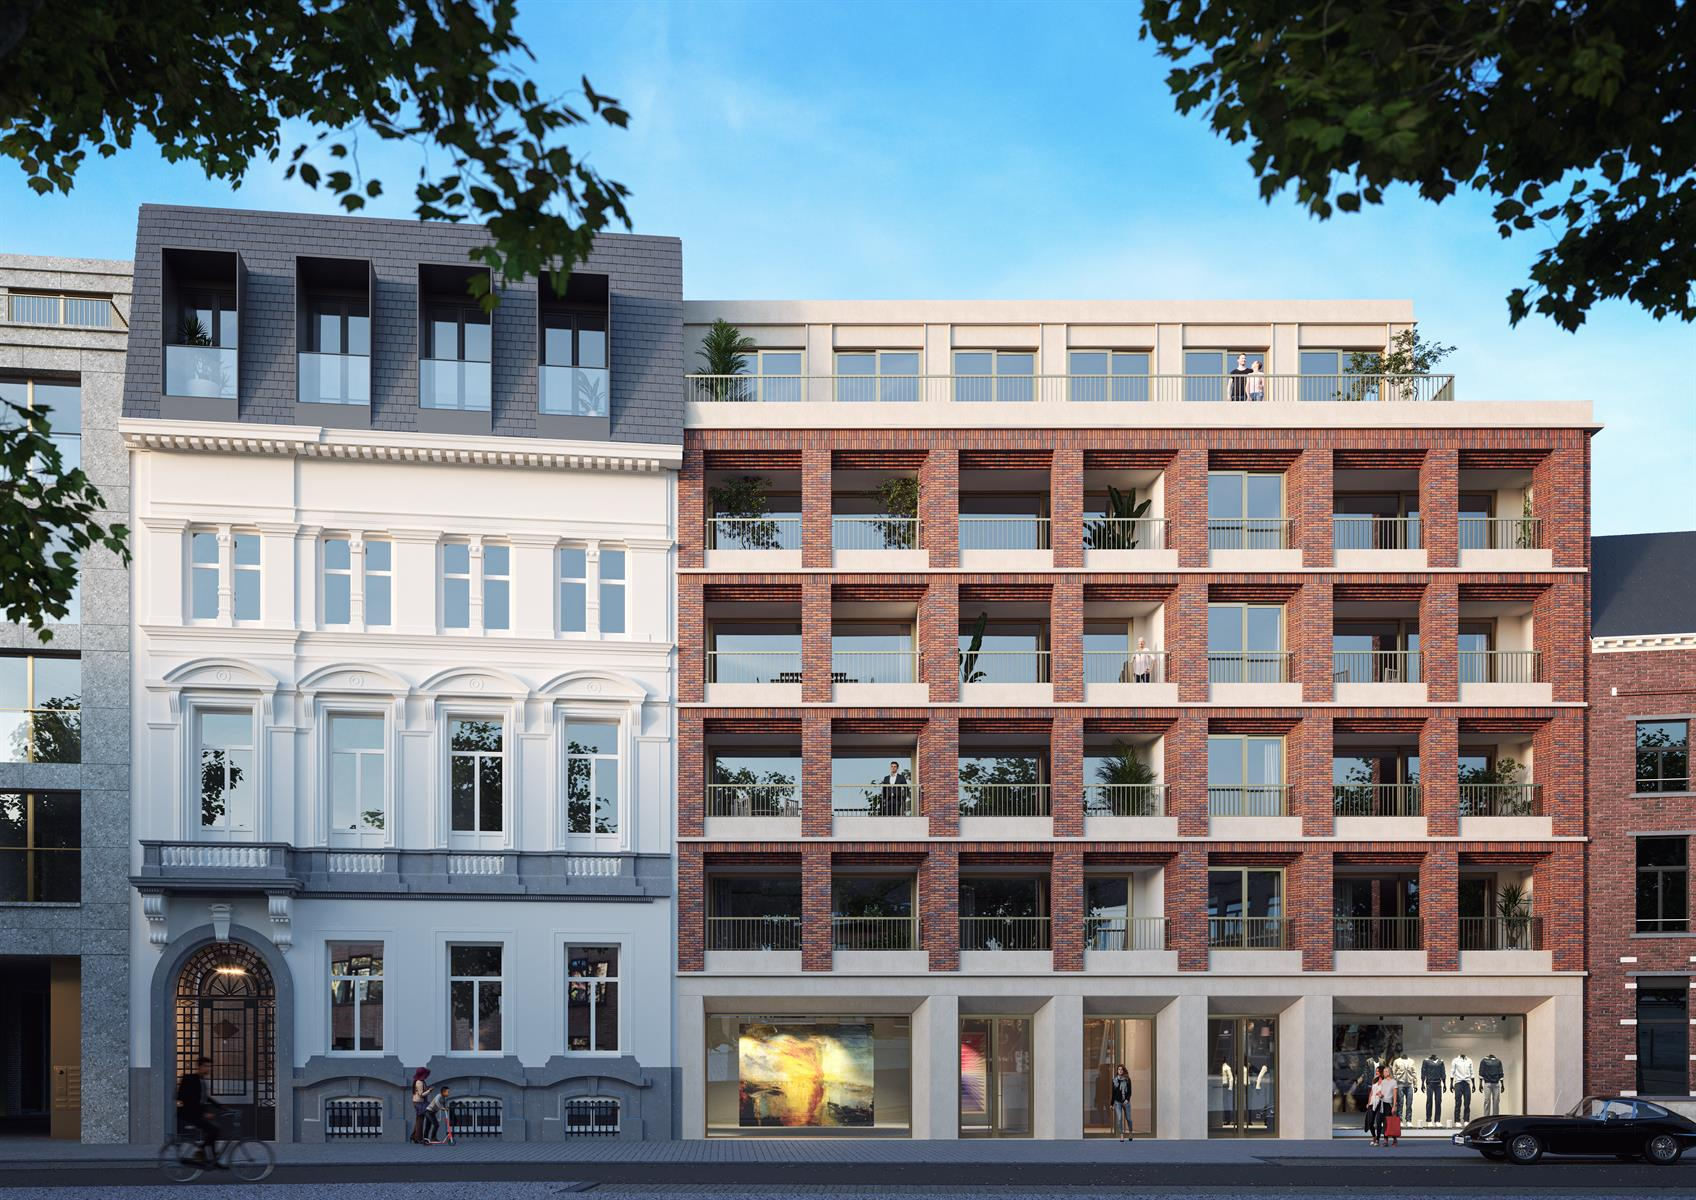 DEN OEVER wonen op een unieke plek in hartje Antwerpen.